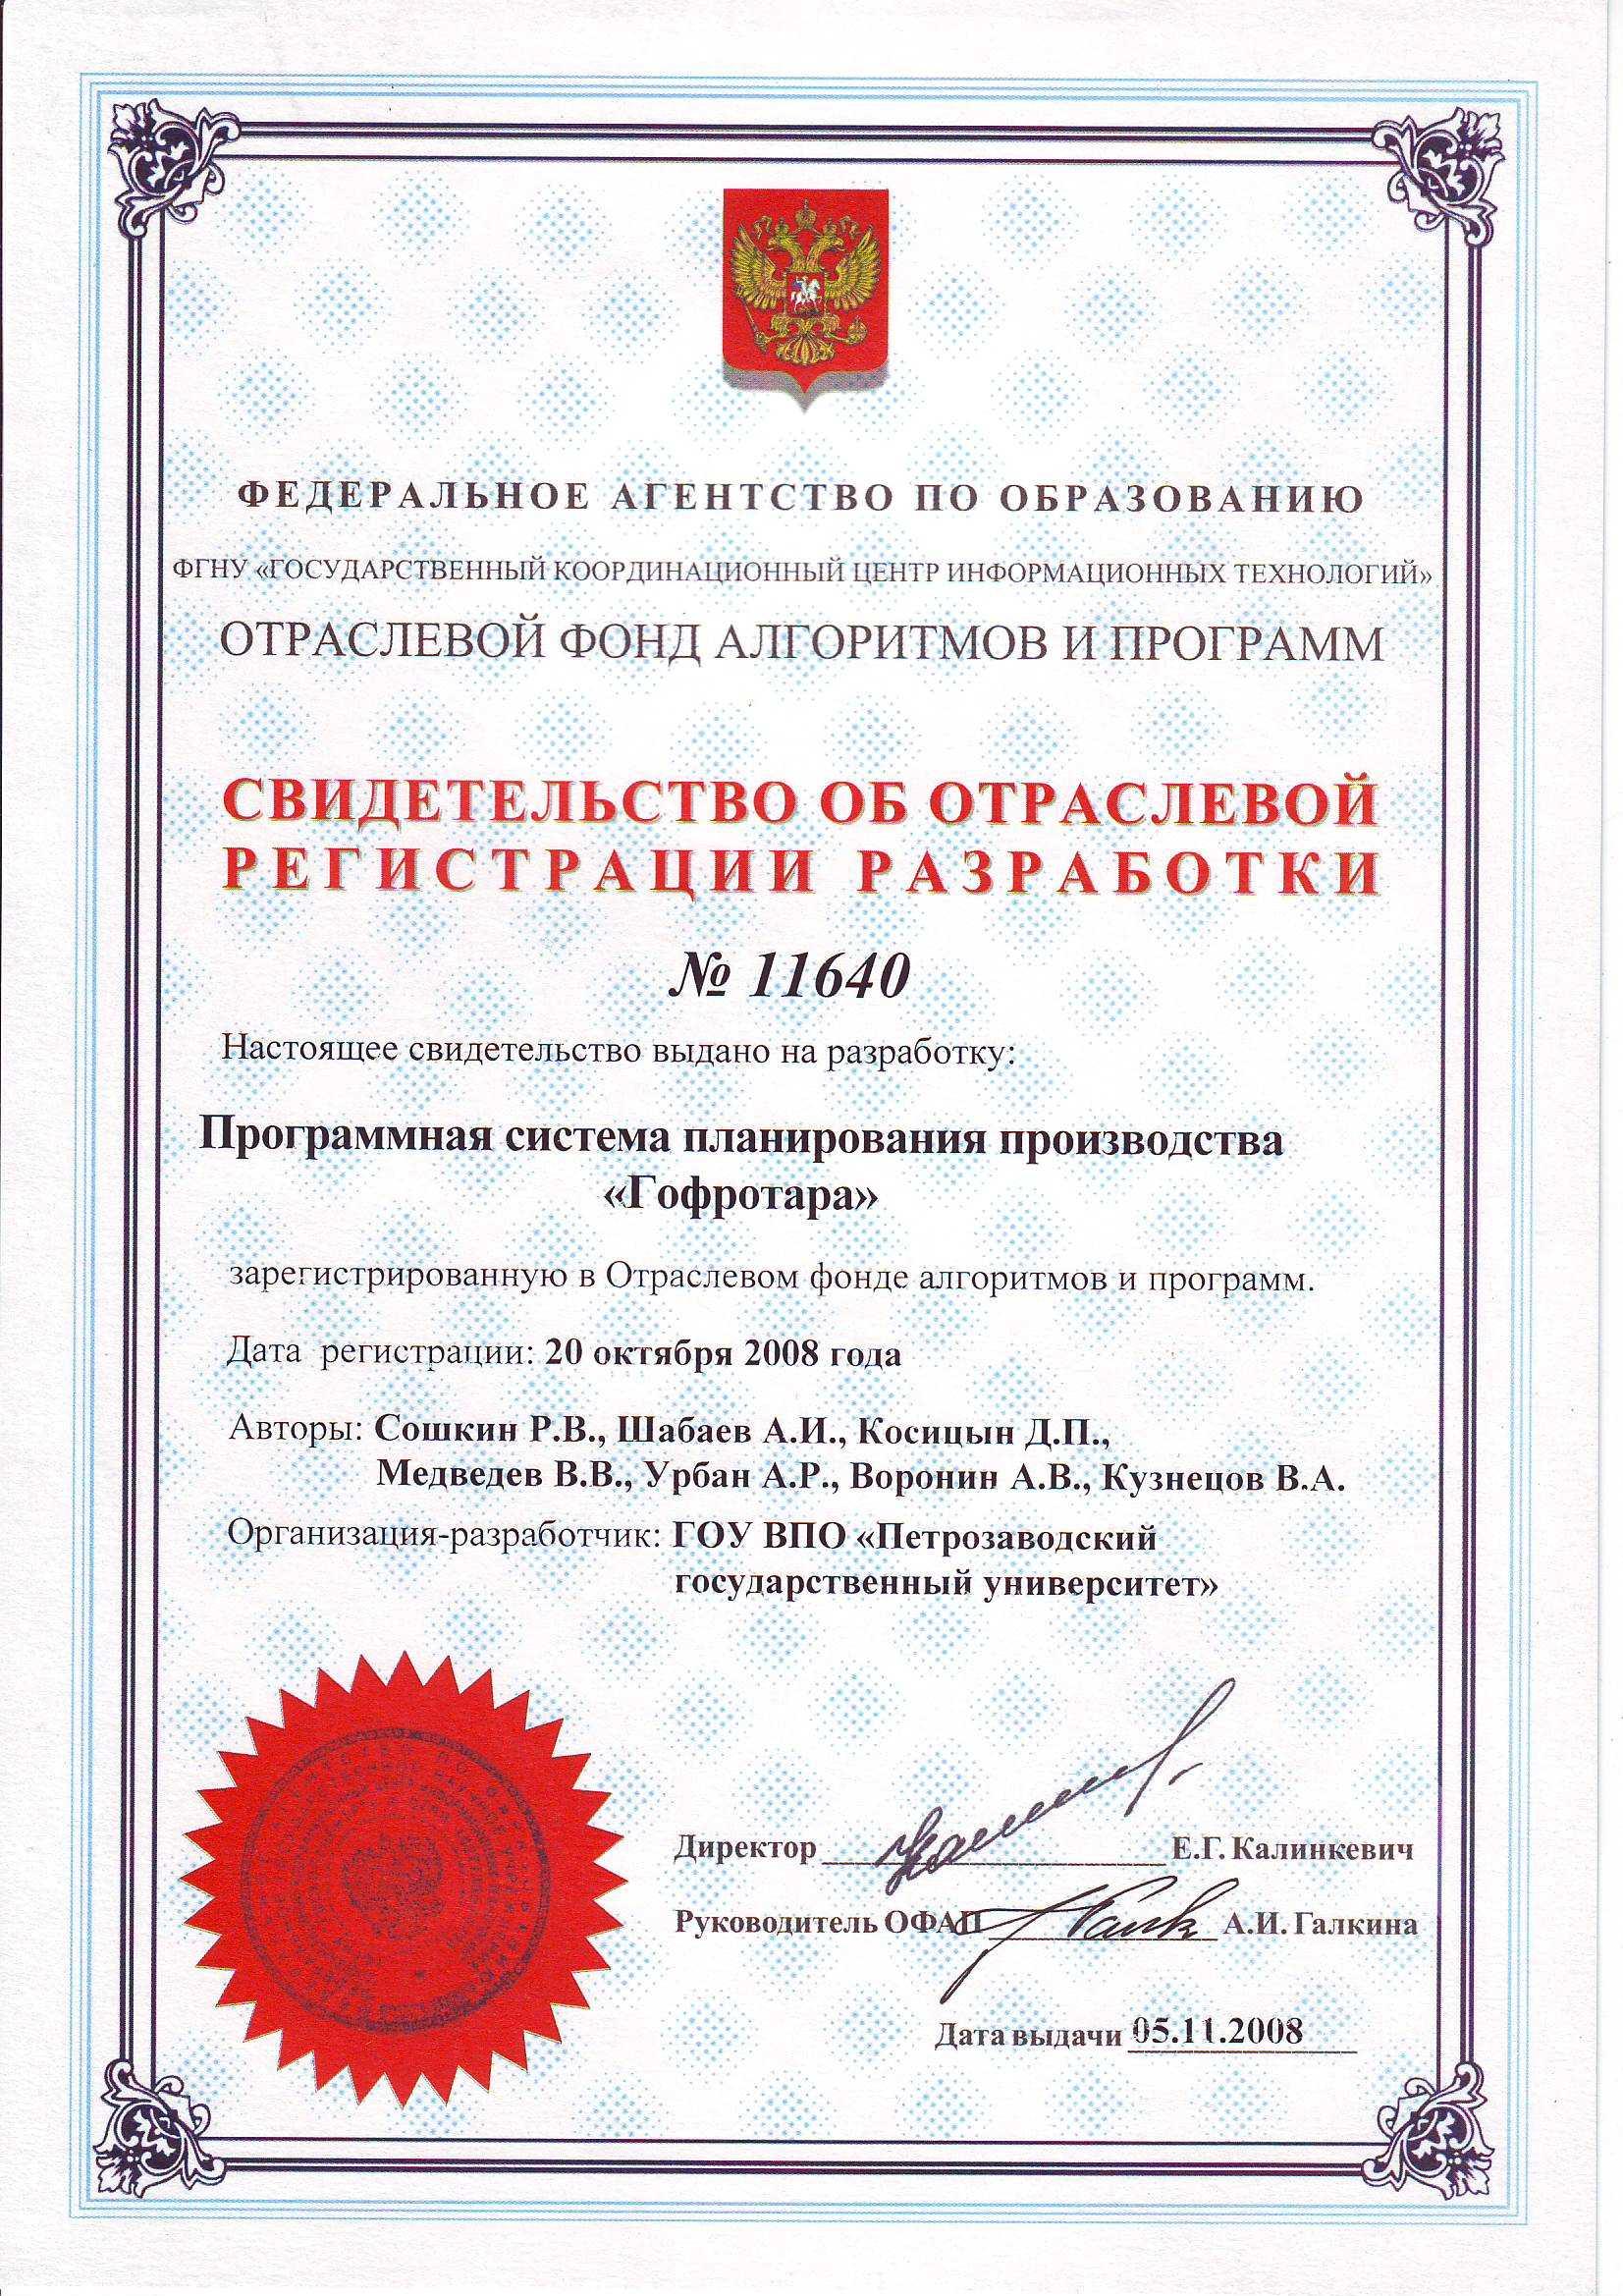 """Патент 2100018 на изобретение: """"Способ оценки функционального состояния биологически активной точки """" ."""